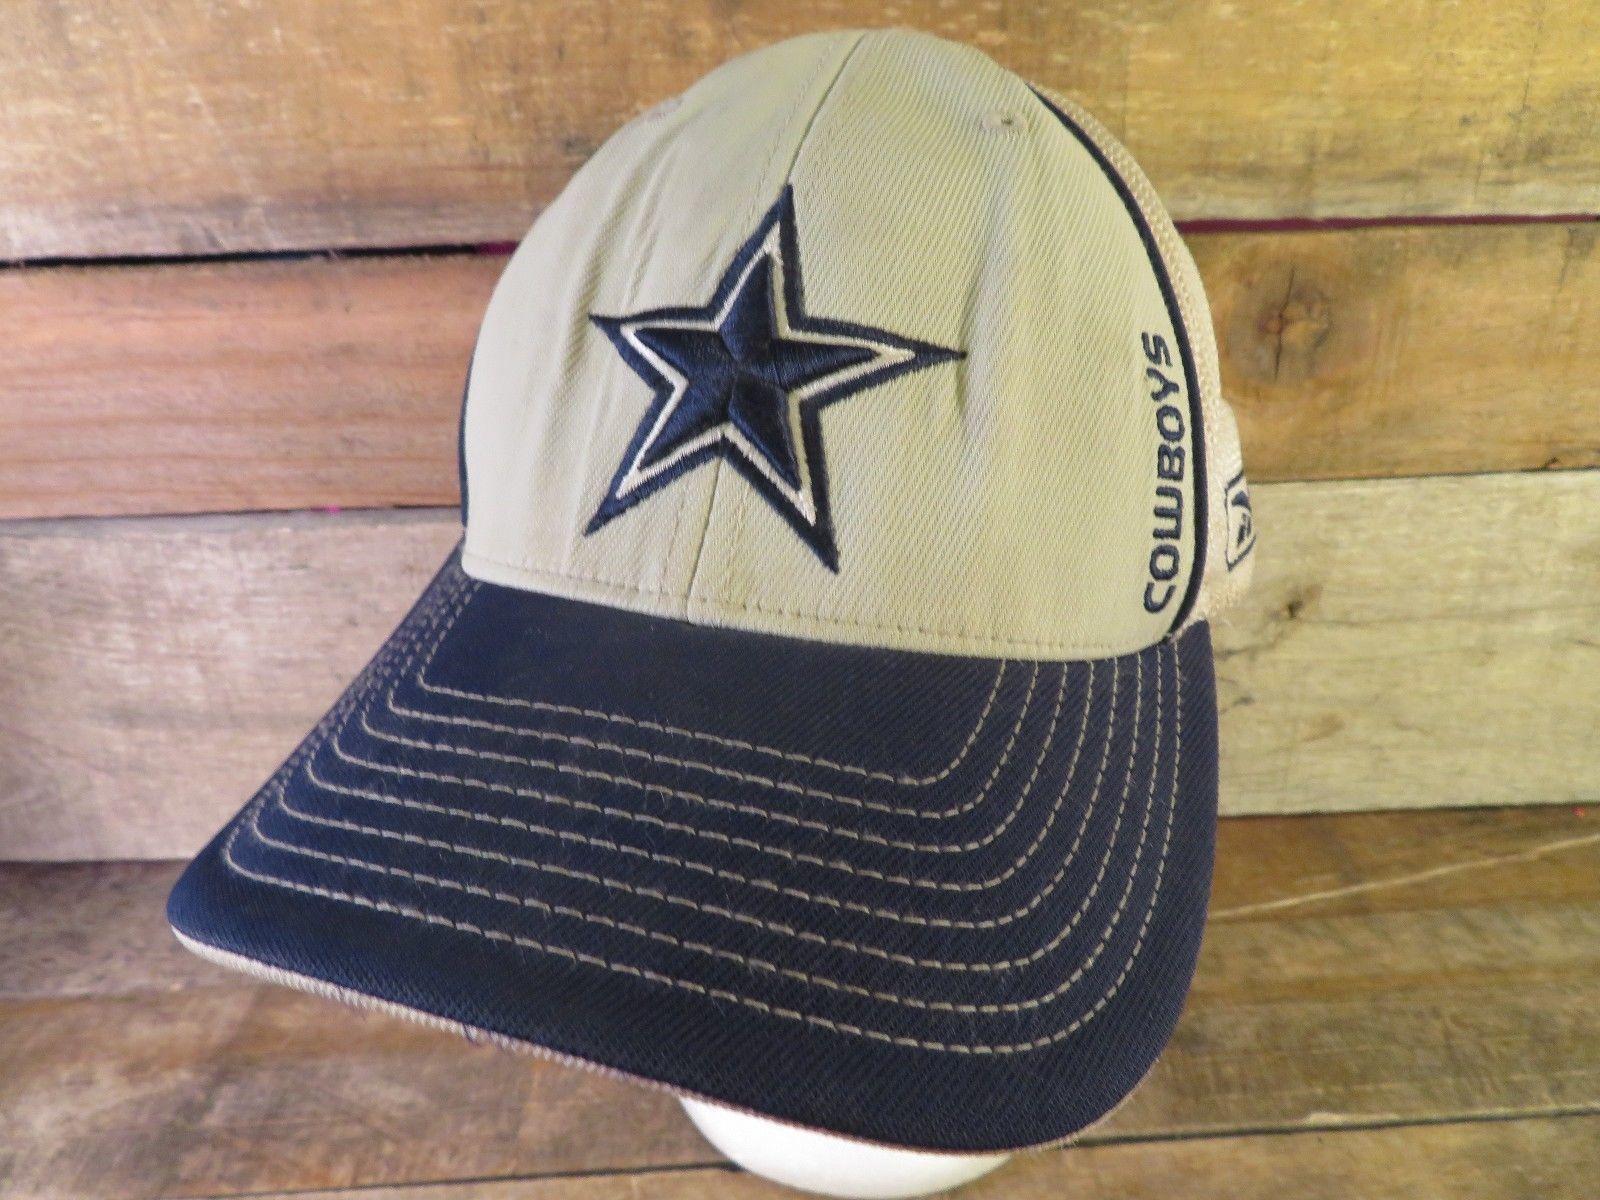 908d18f37 Dallas Cowboys Flex Reebok Nfl Football Hat and 50 similar items. S l1600